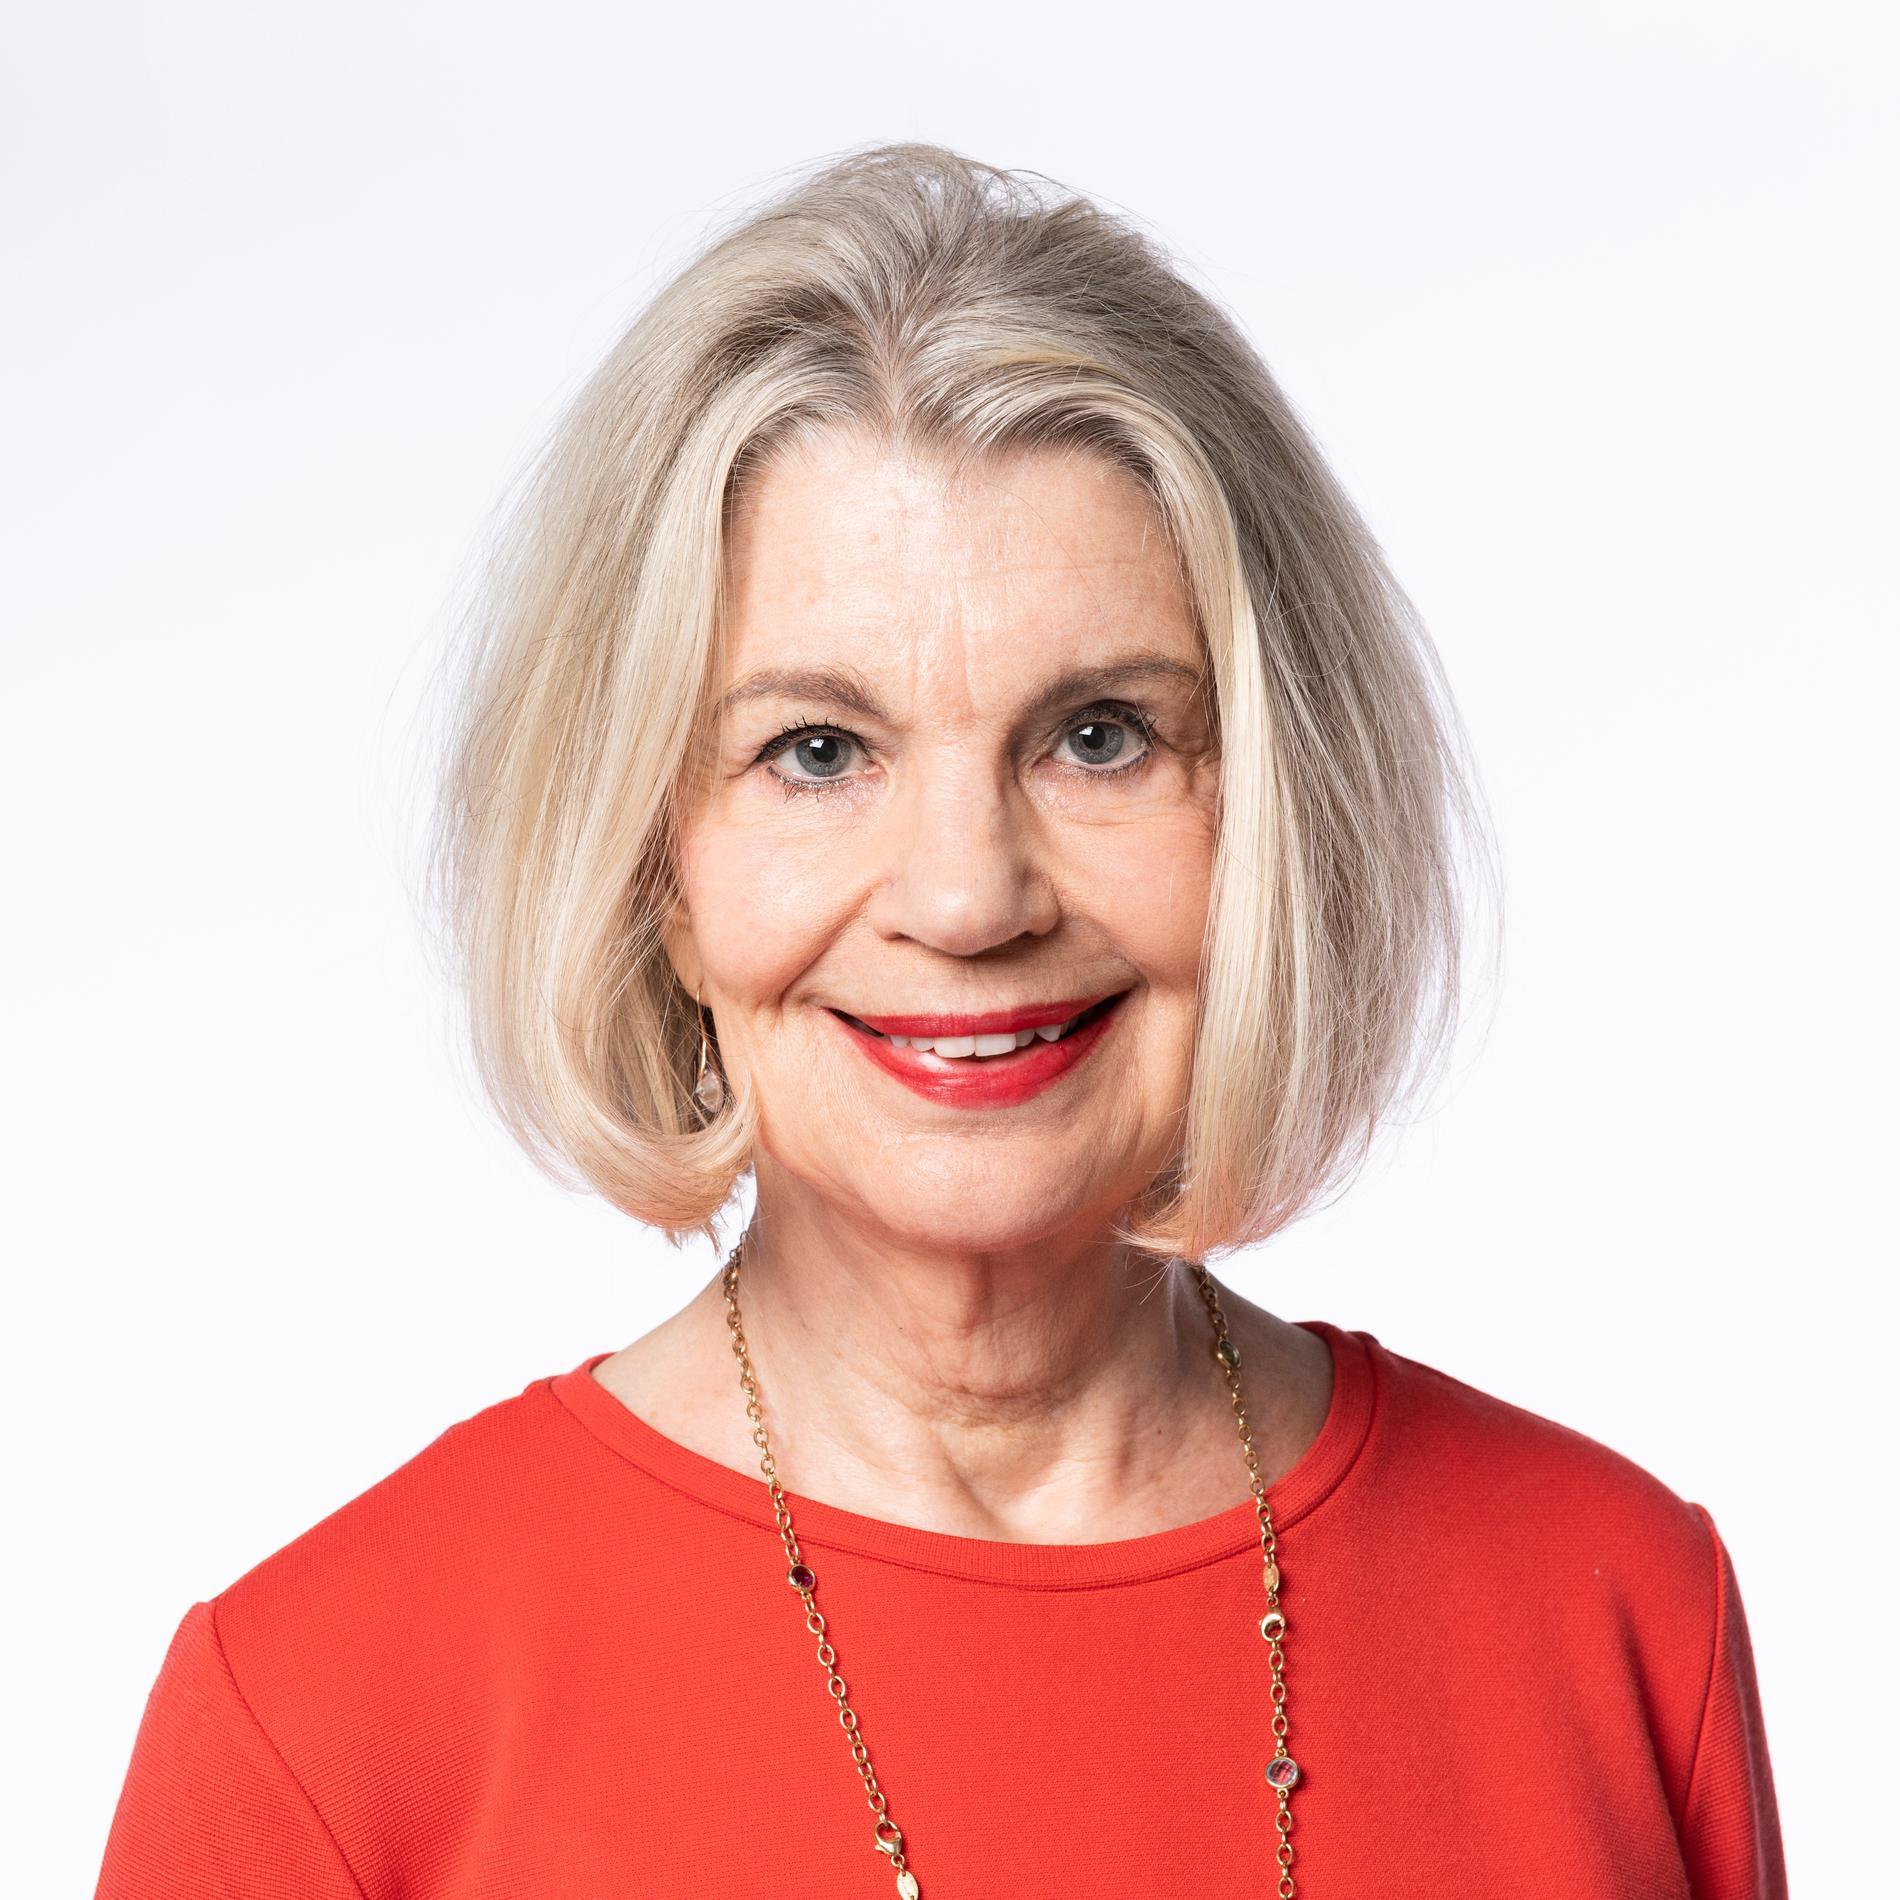 Malena Ivarsson är sociolog, sexolog och författare. I många år har hon svarat på läsarnas frågor om sex, samlevnad och relationer.